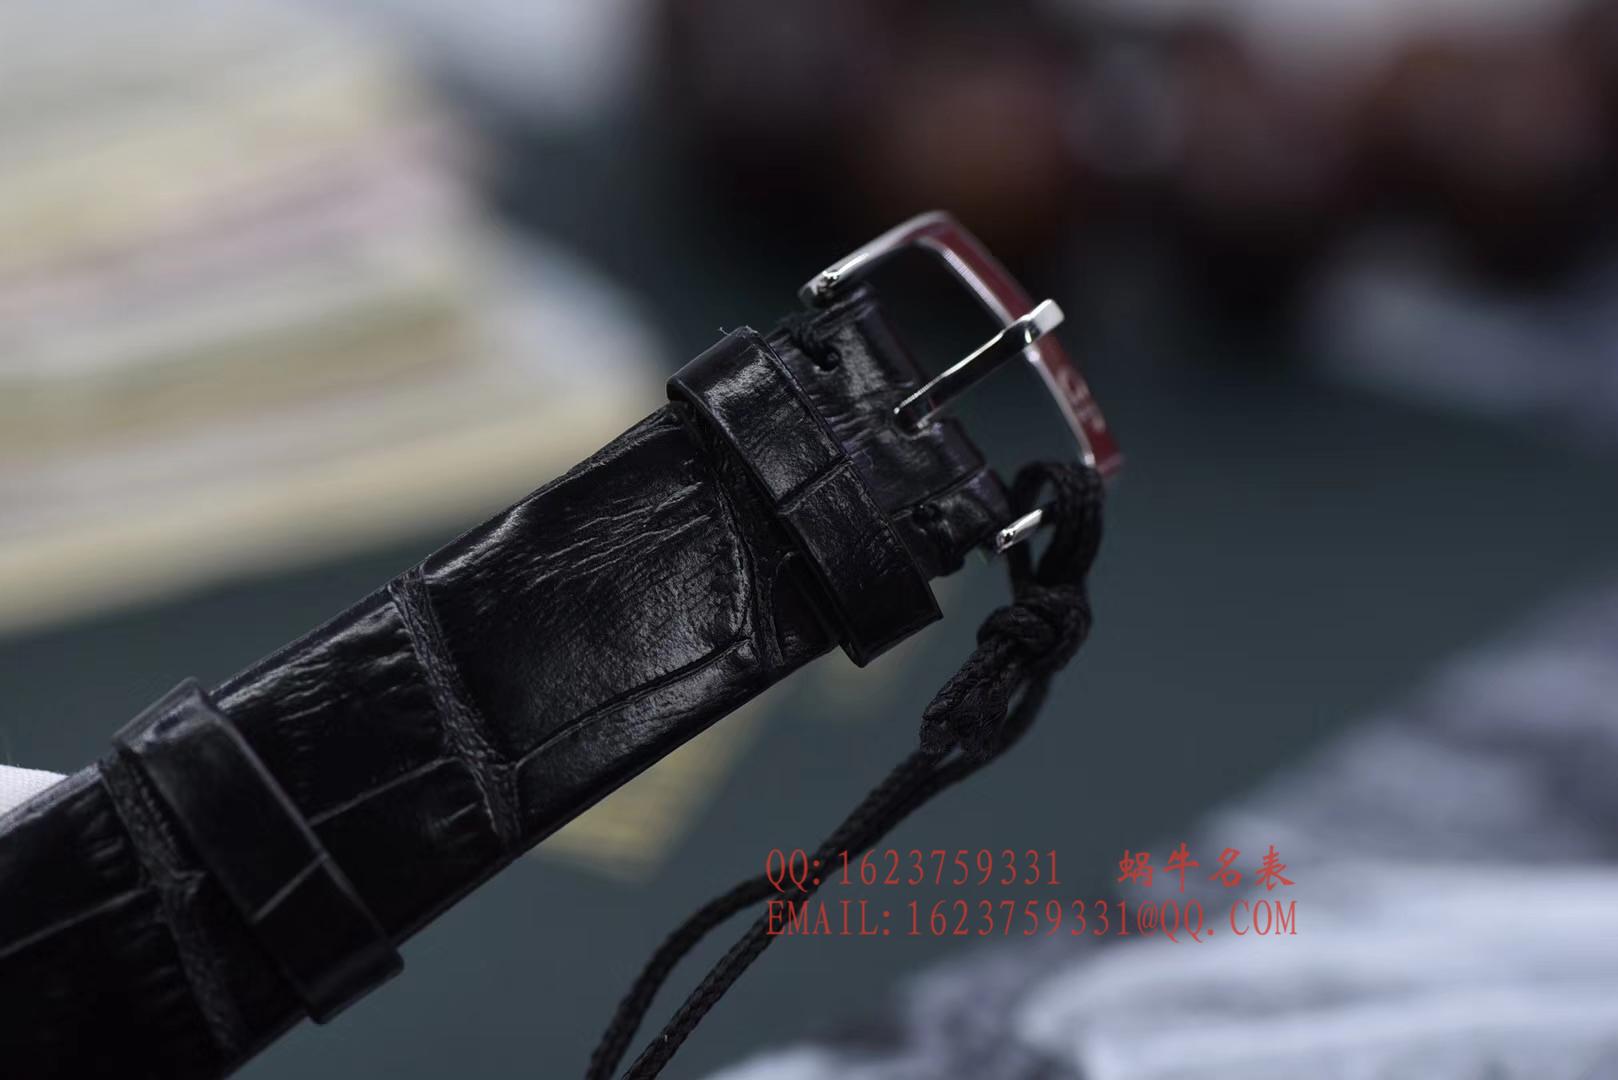 【FK1:1超A高仿手表】GP芝柏表1966系列49525-79-431-BK6A腕表 / M015